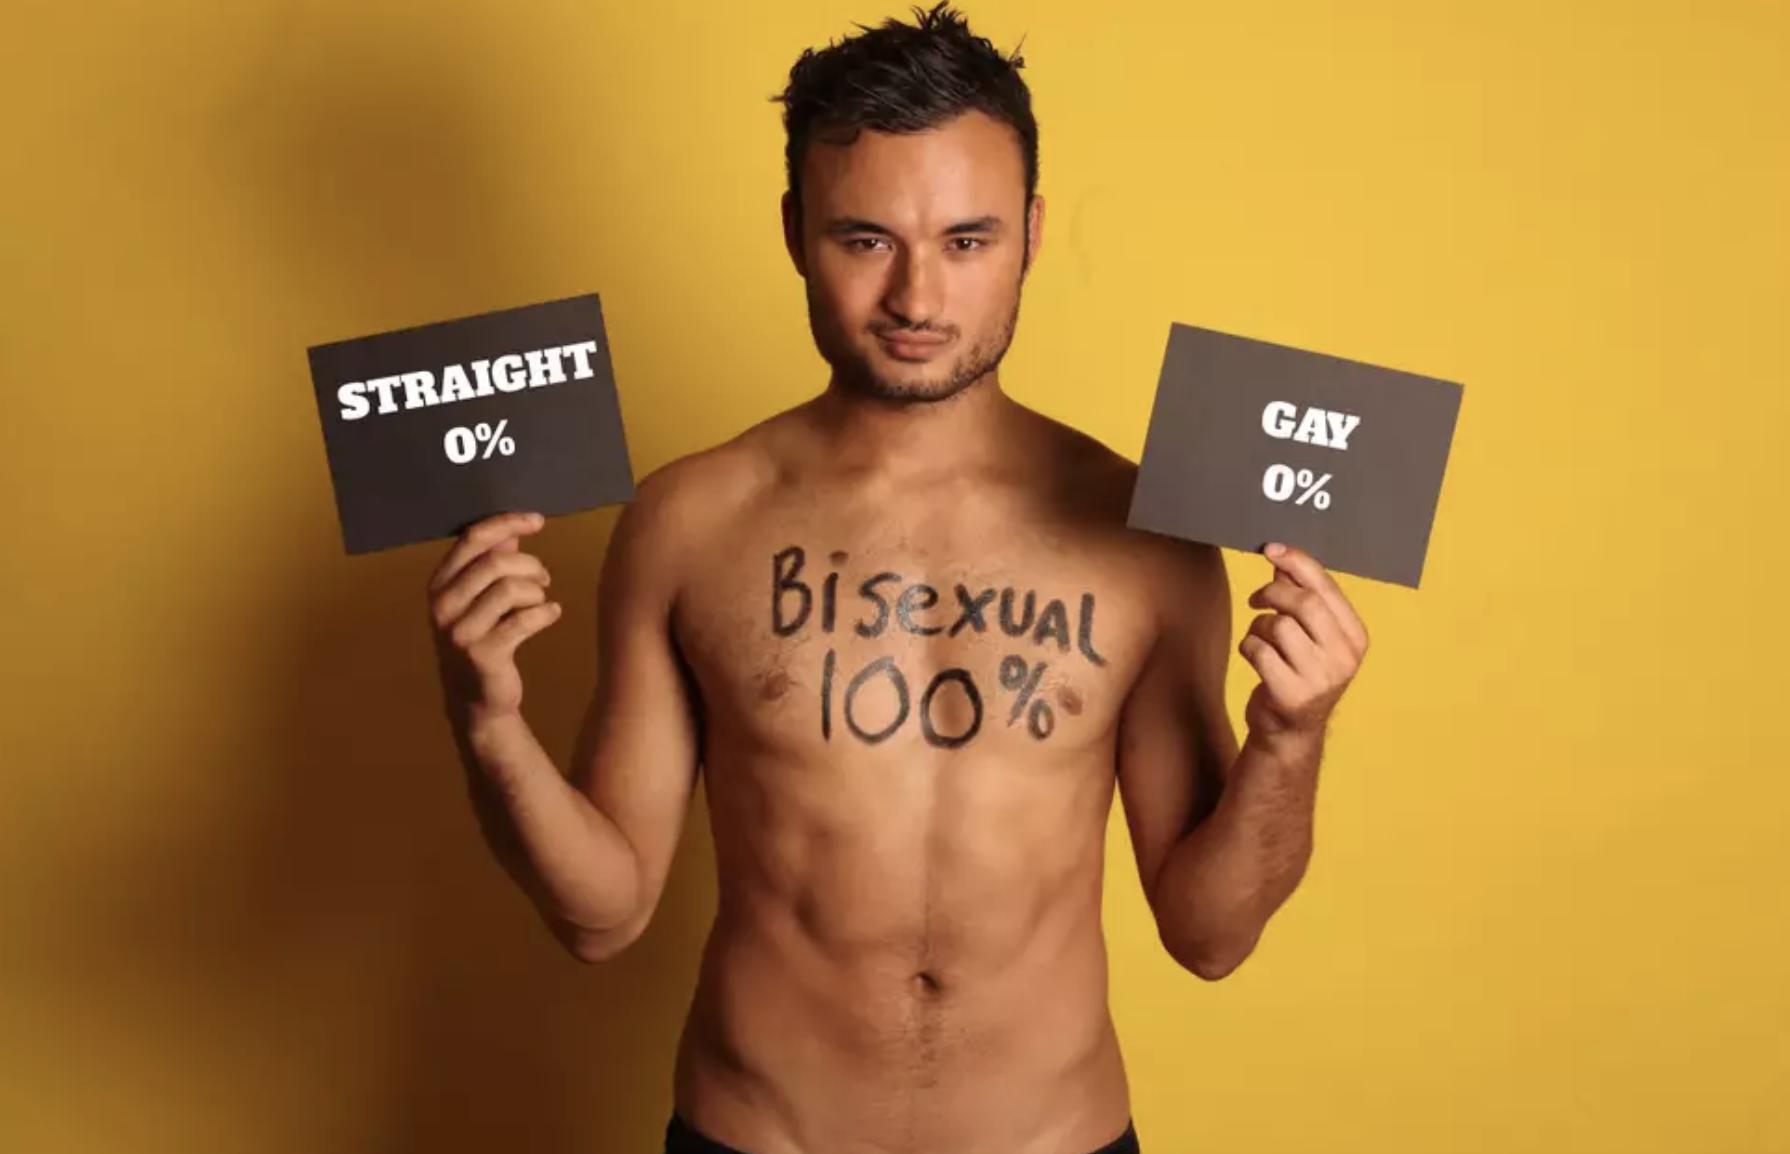 How to meet bisexual people